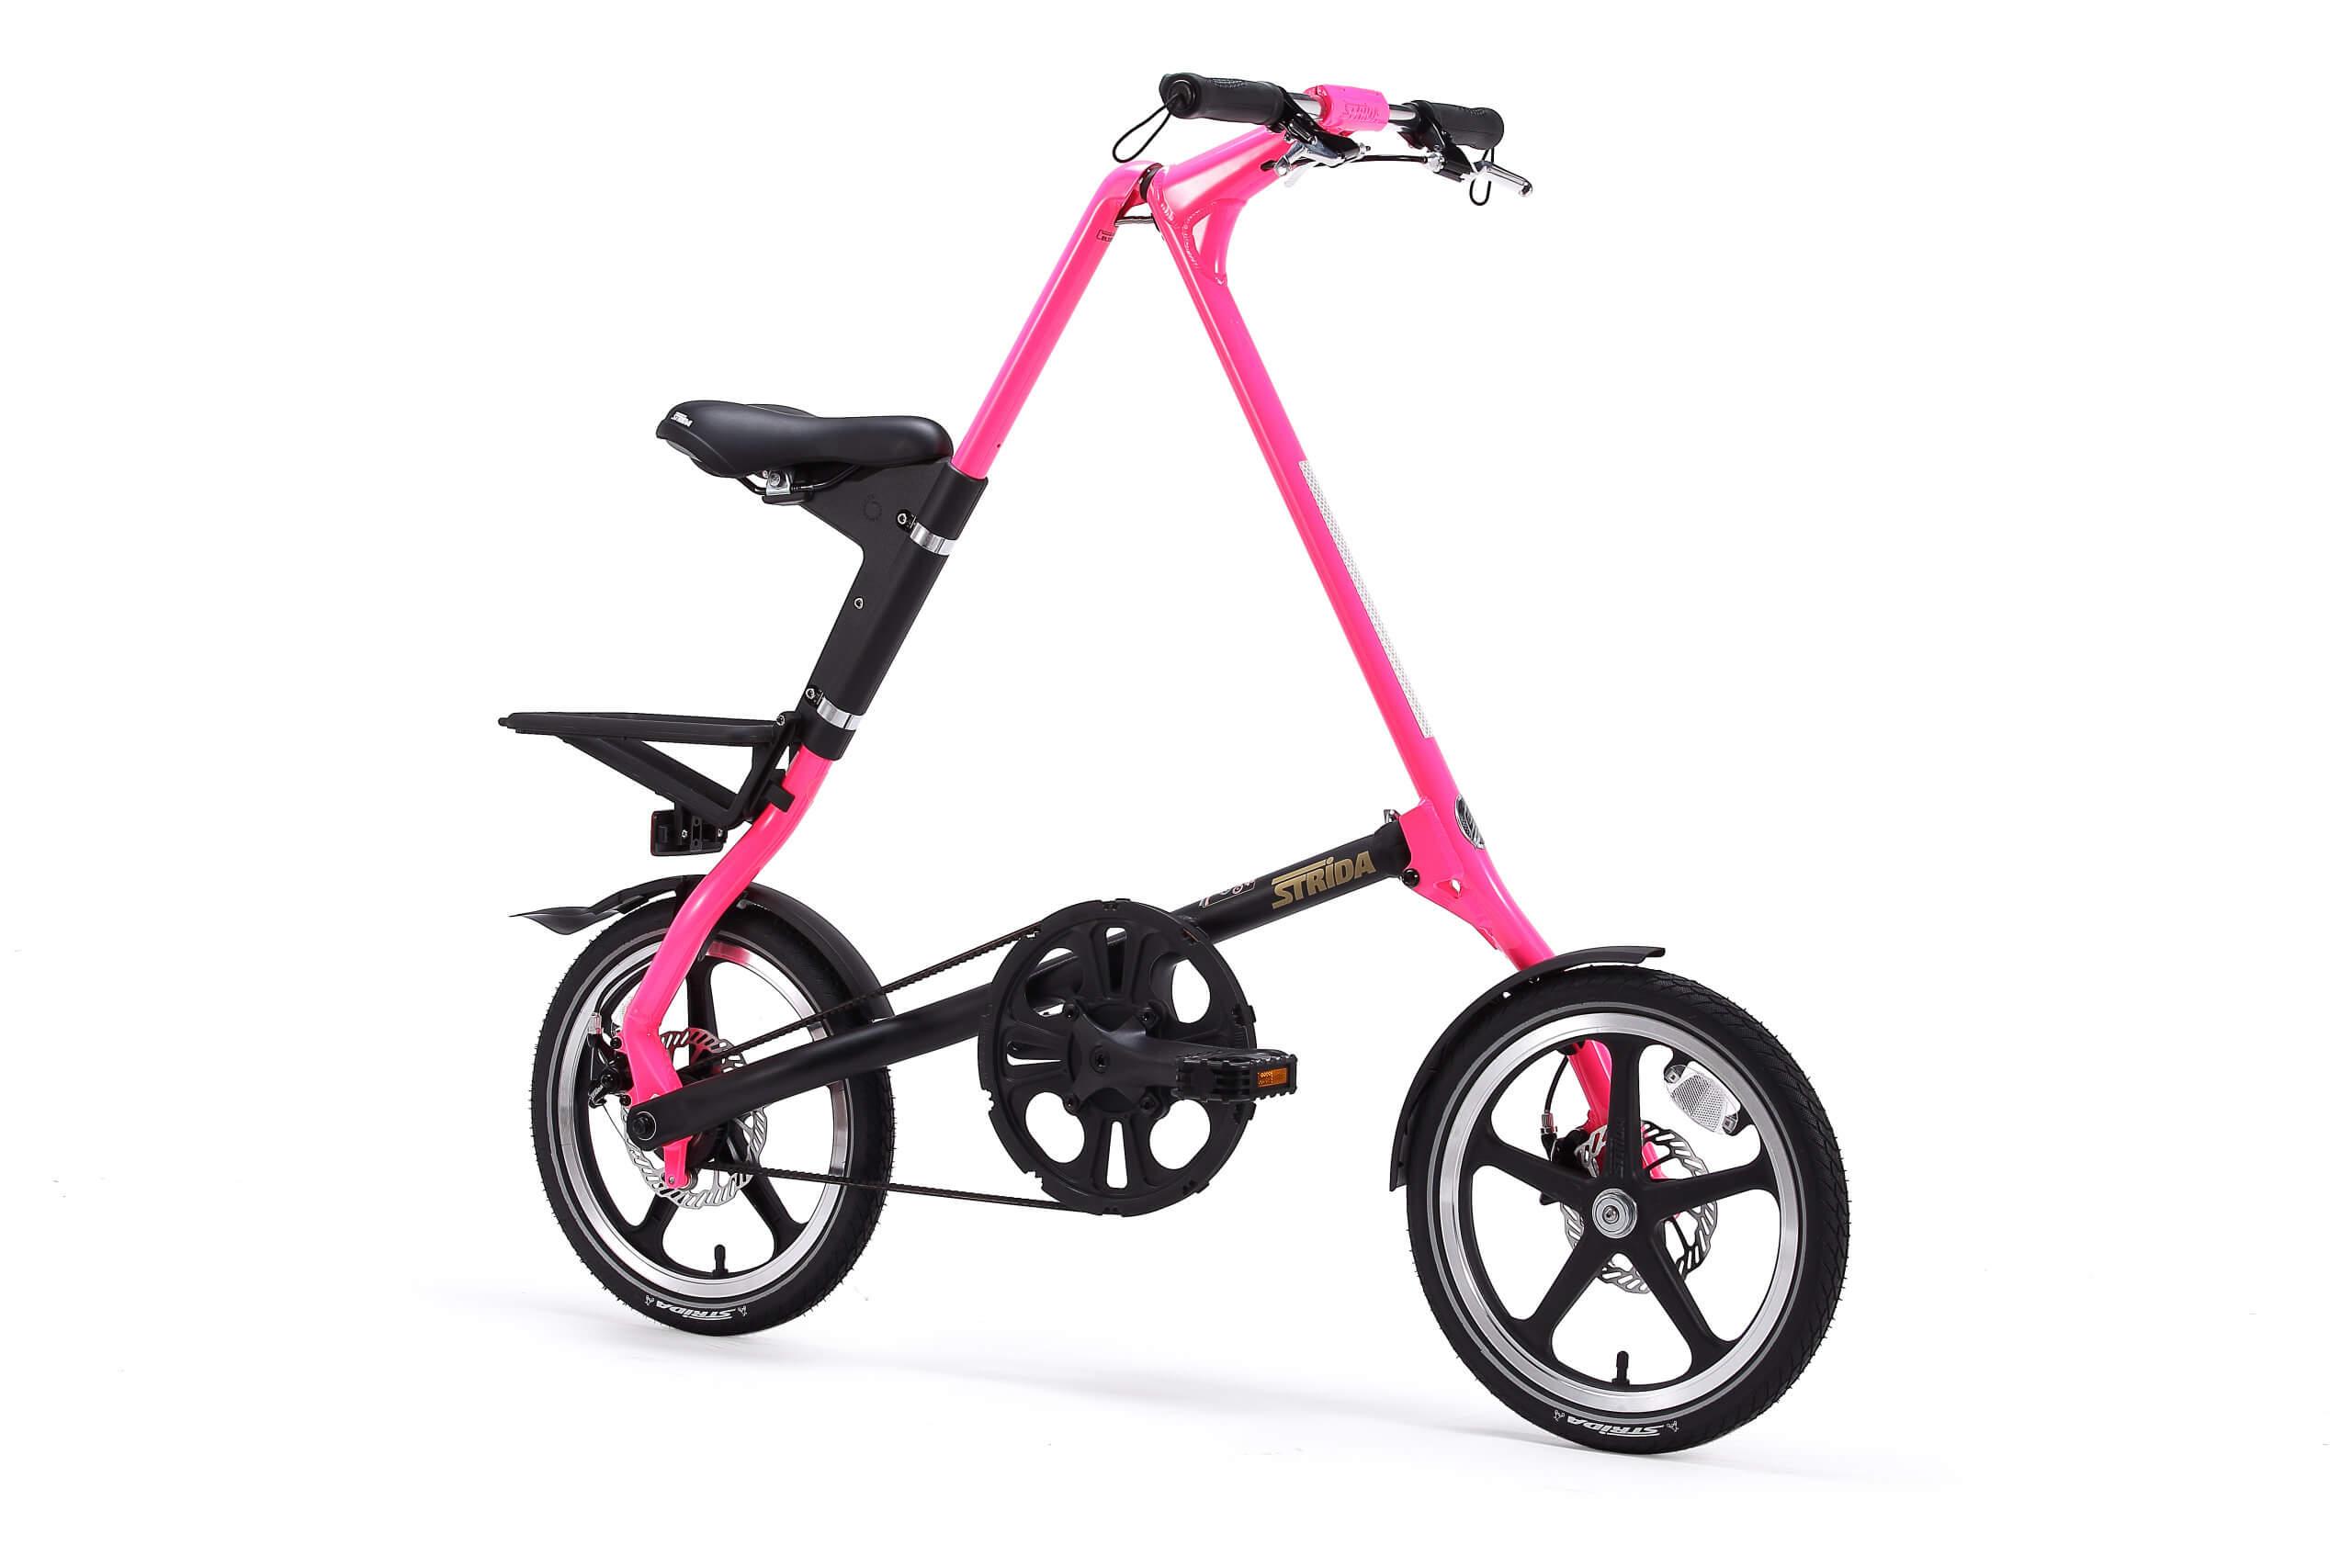 81ec7a5d962 LT-Neon-Pink-Matt-Black-Side